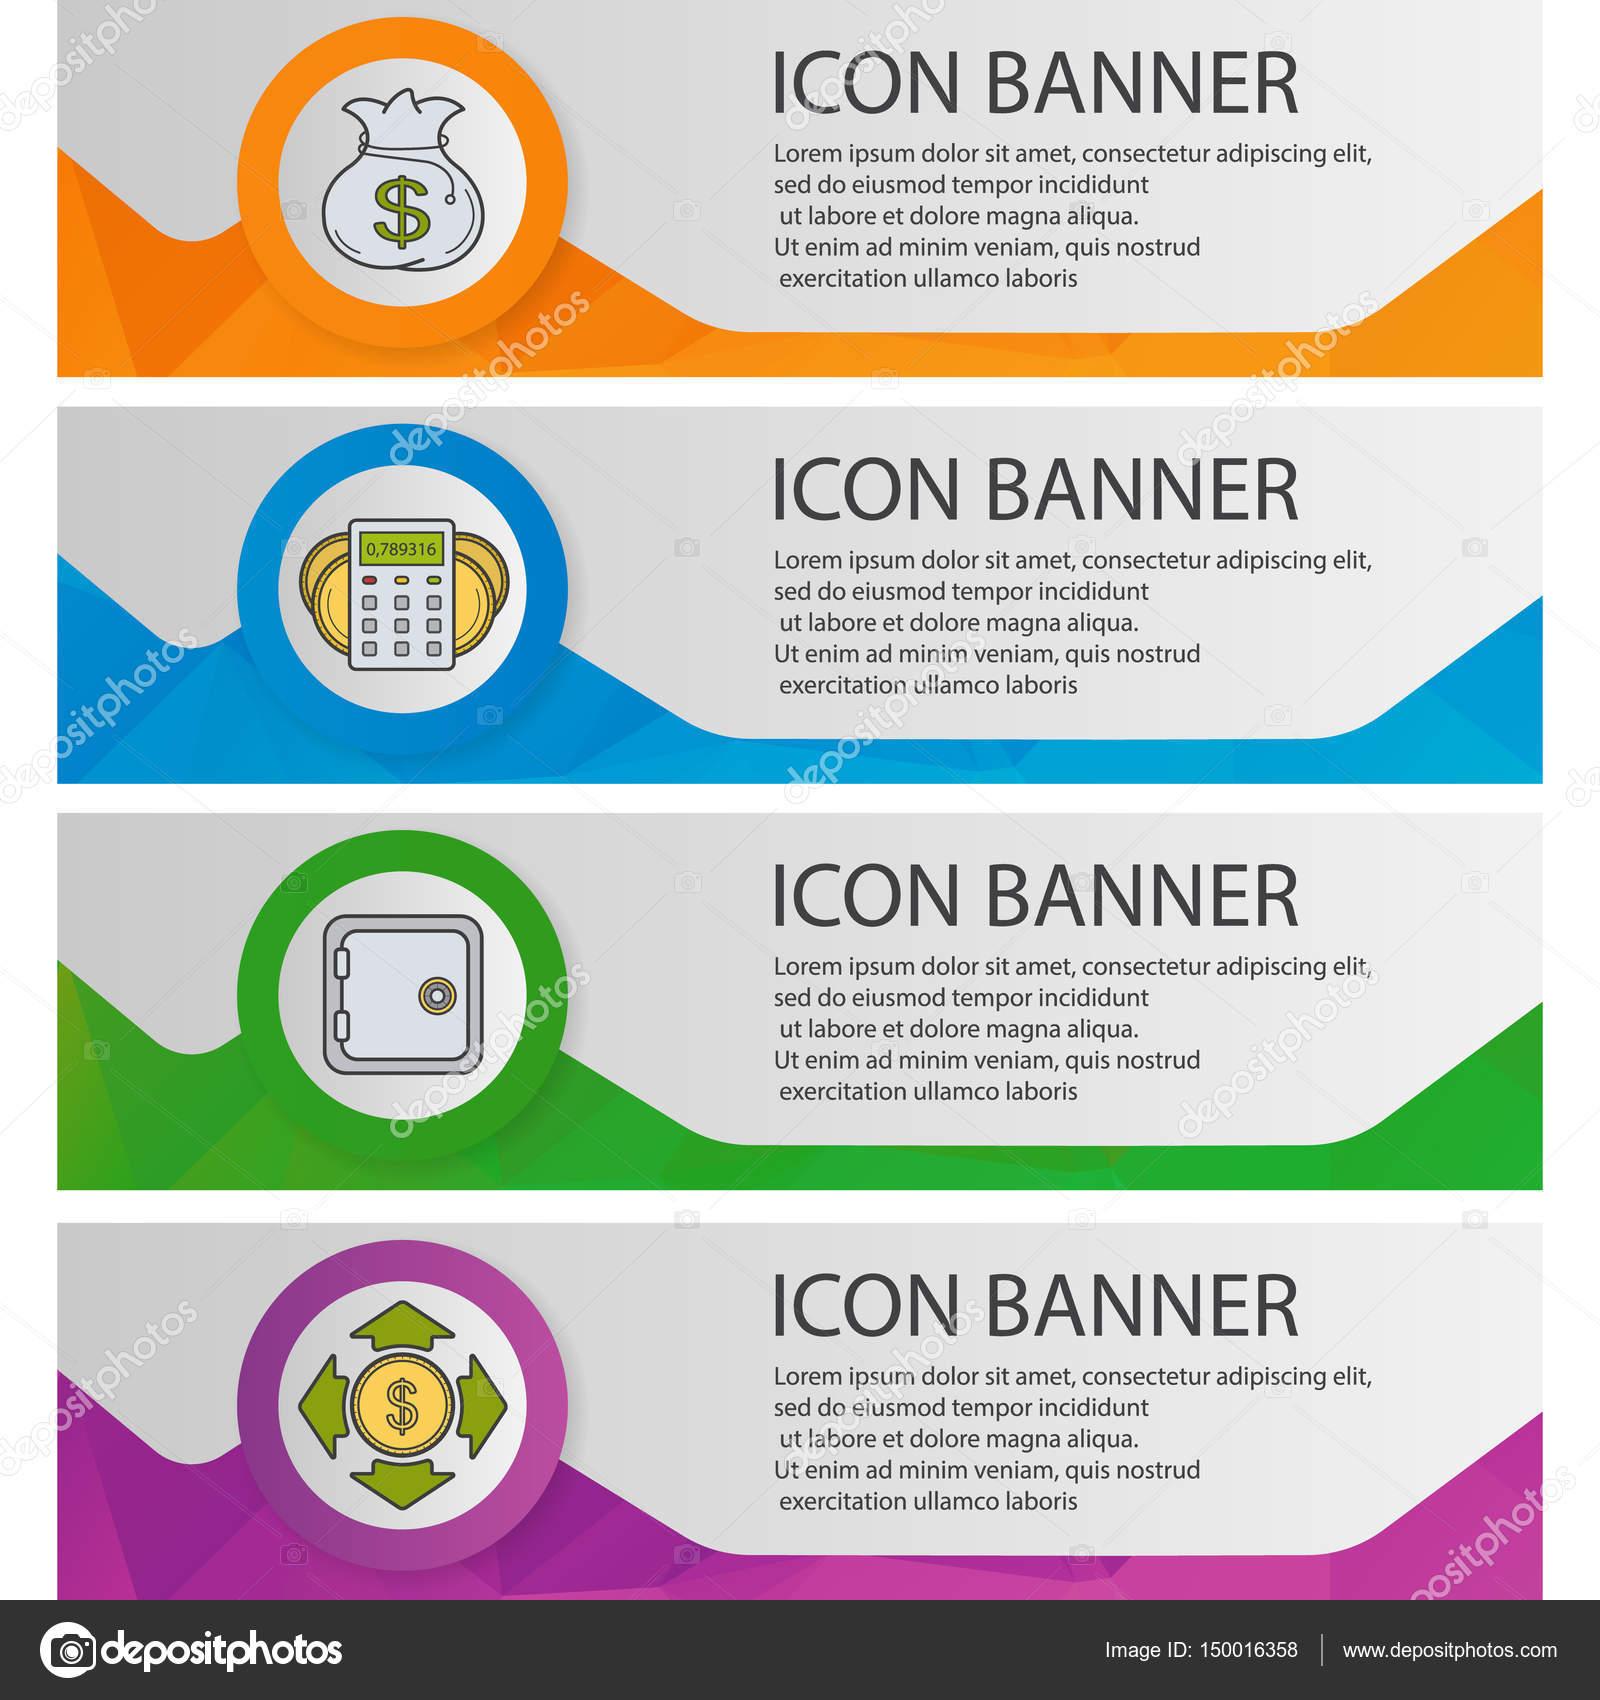 Banca y Finanzas conjunto de plantillas de banners — Archivo ...